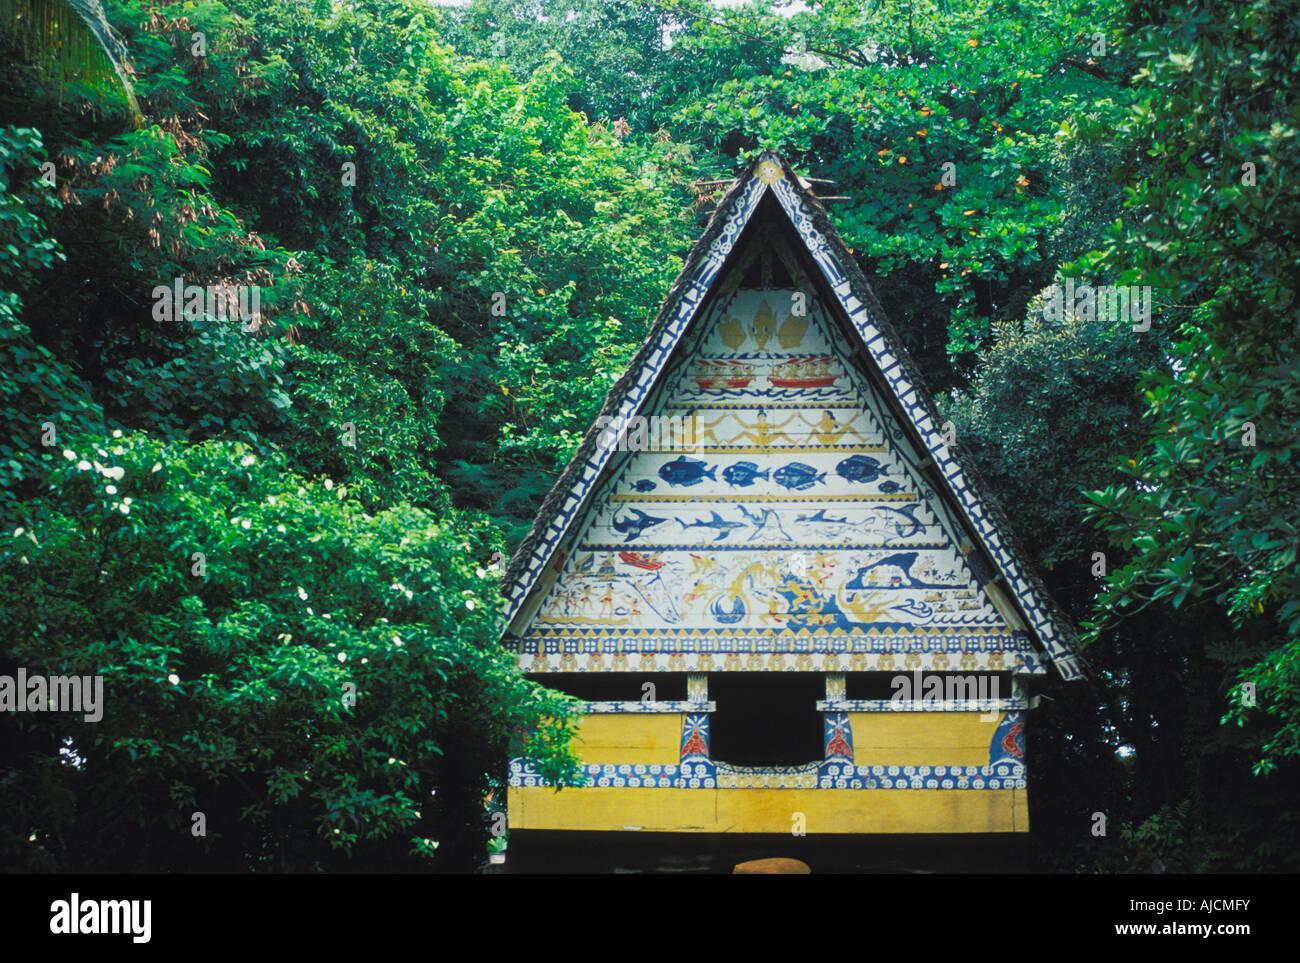 Holz Und Stroh Bai (ein Männer S Haus) Im Belau National Museum In Palau